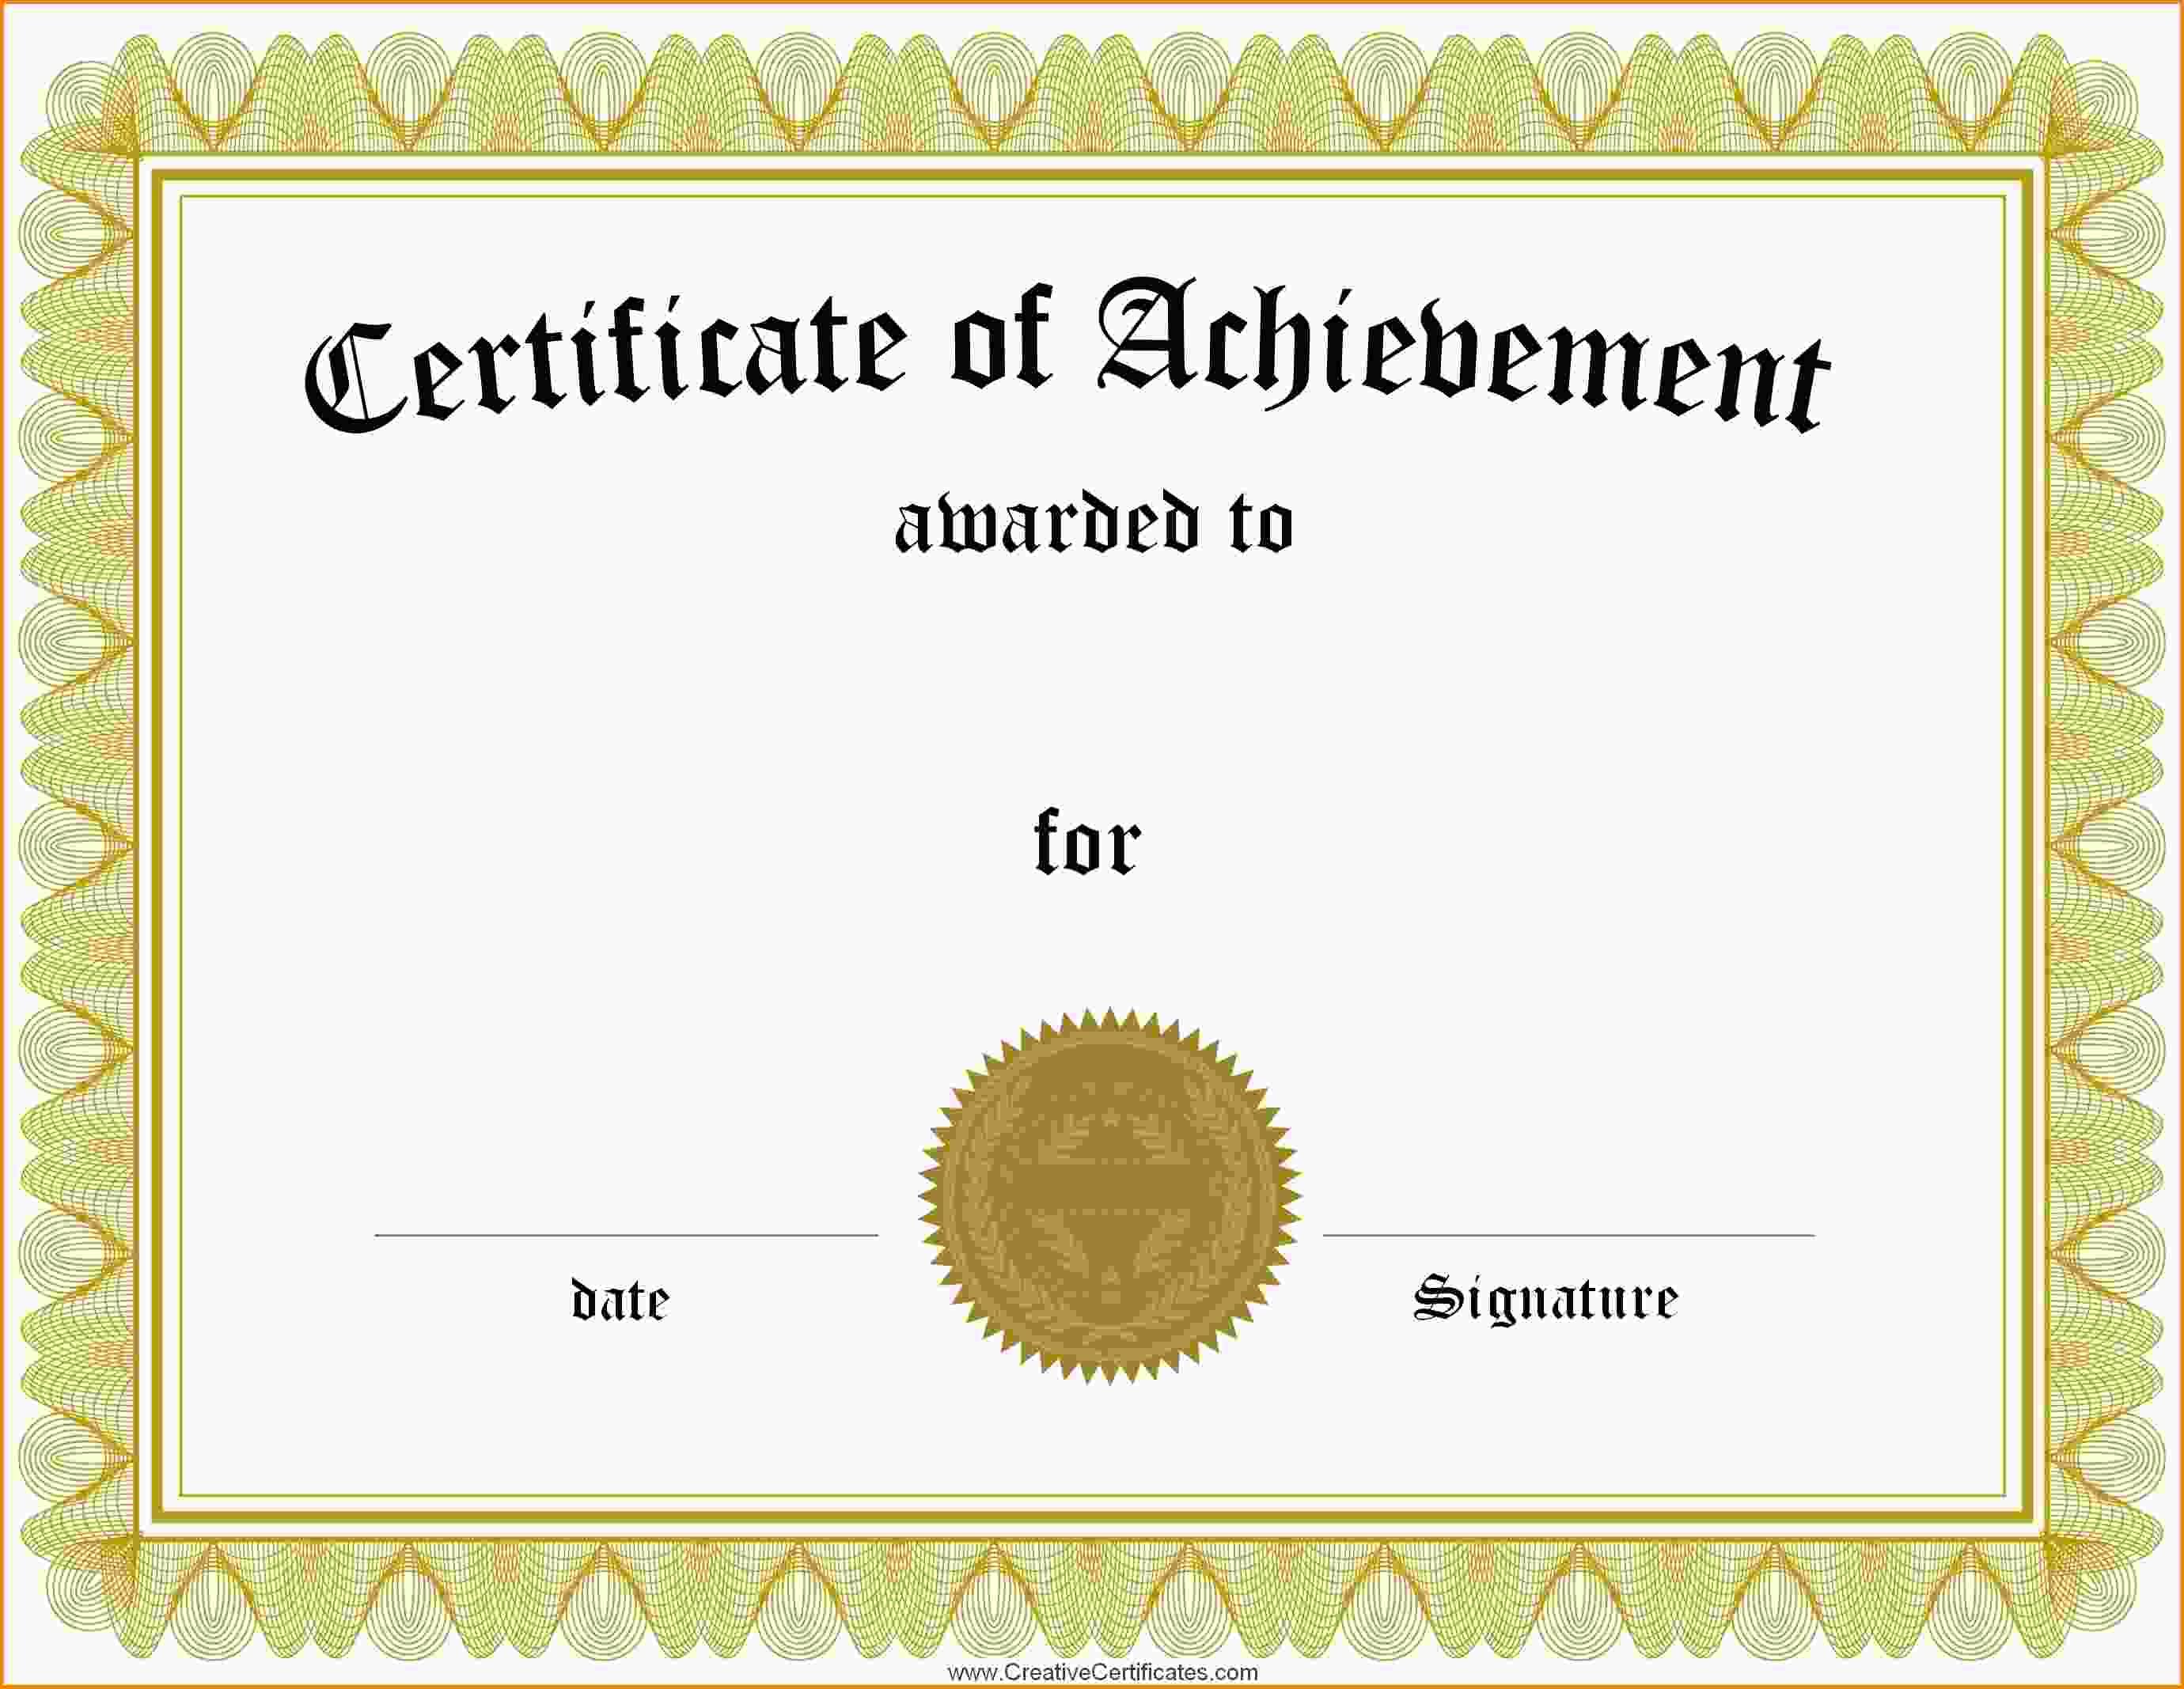 Png Certificates Award Transparent Certificates Award Images - Free Printable Award Certificates